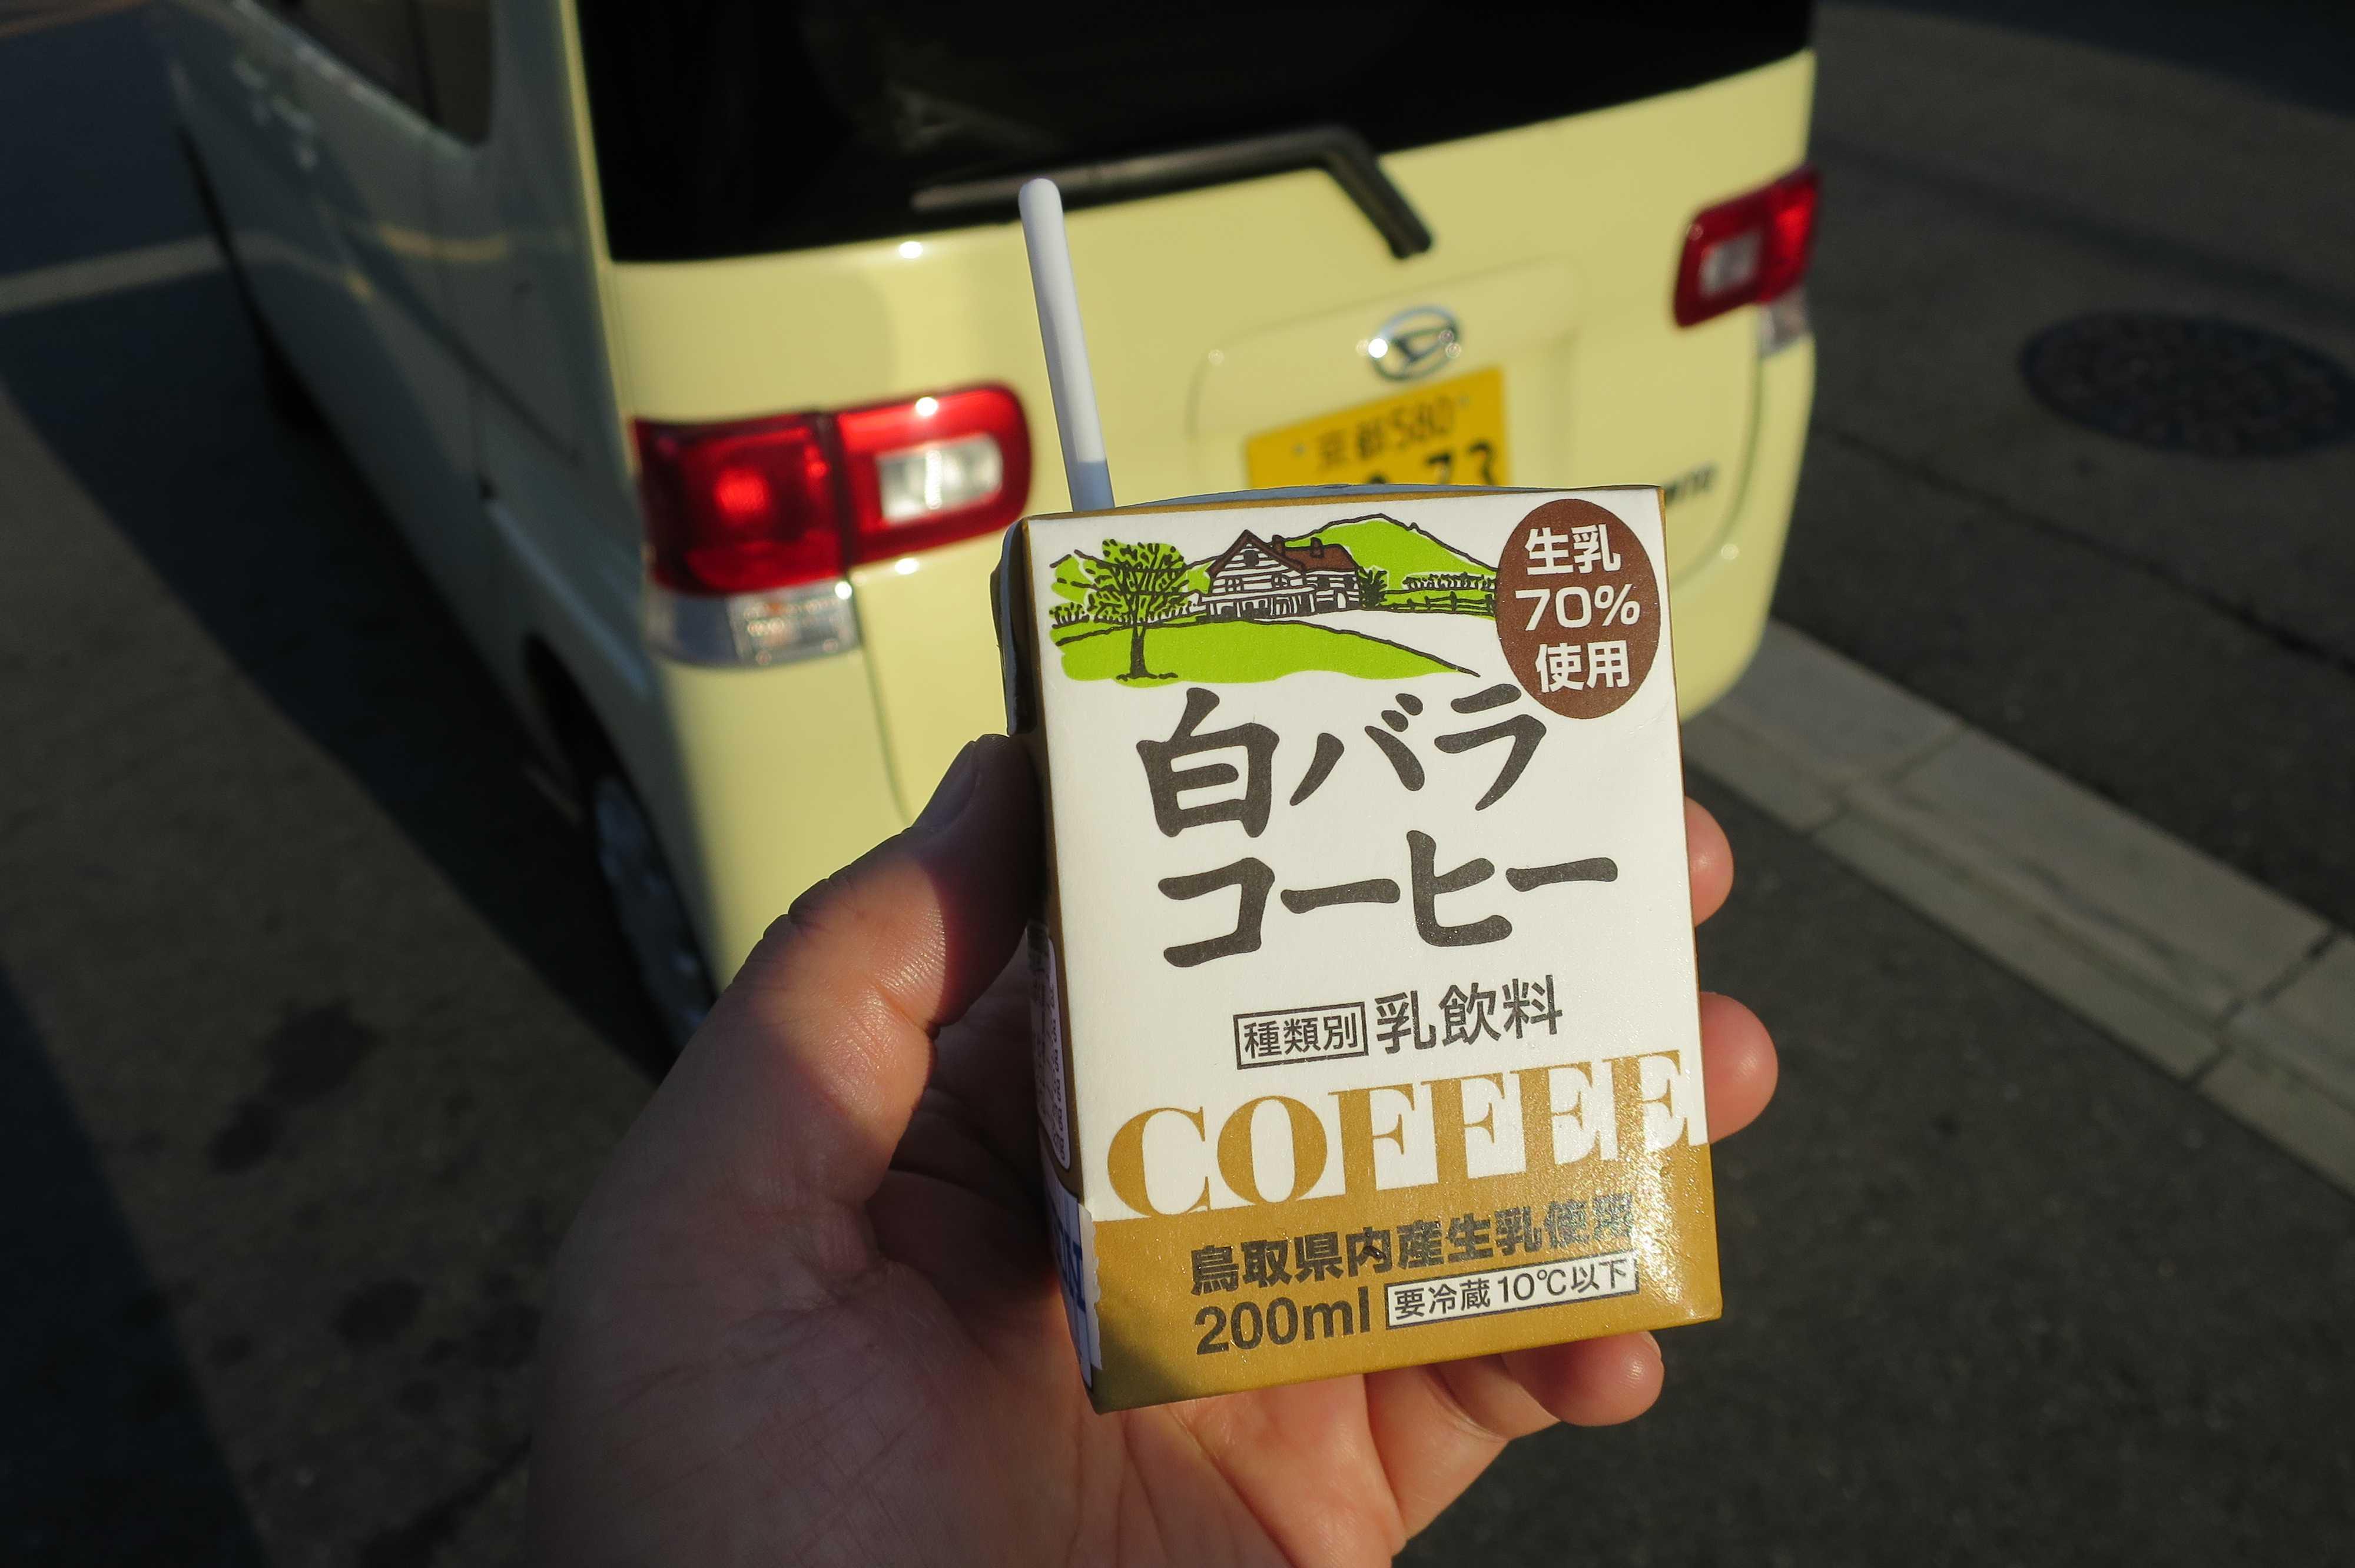 京都・山王地区 - 白バラコーヒー